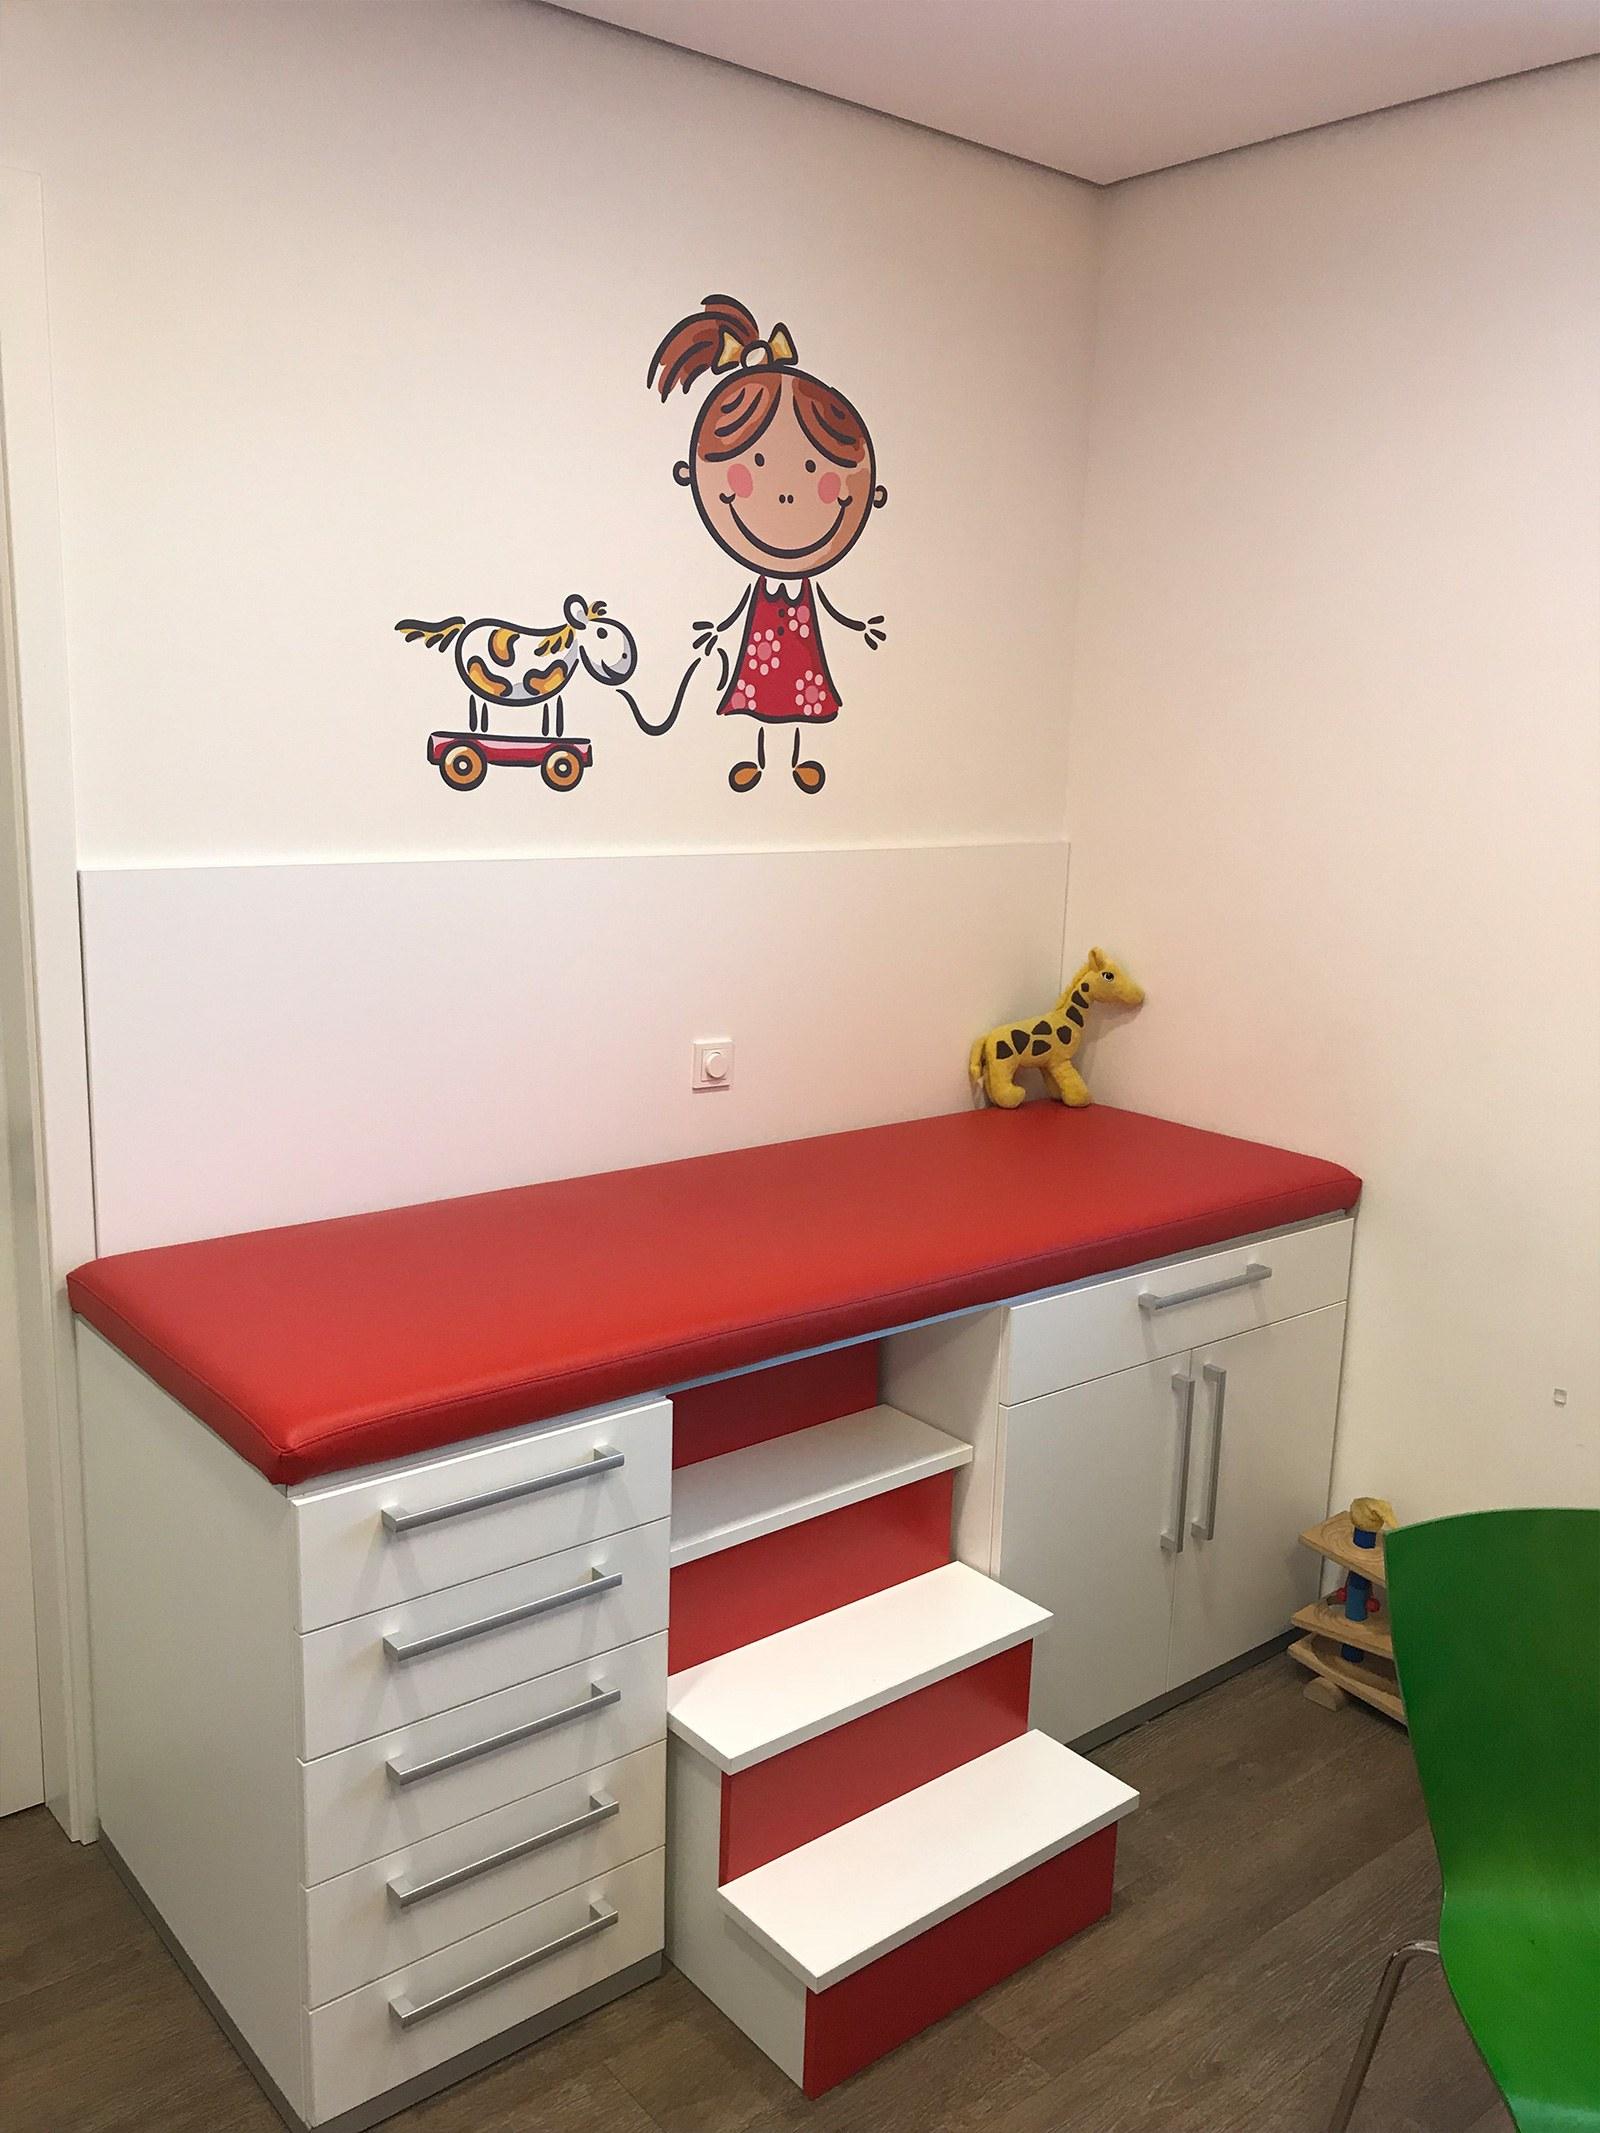 Team77 - Referenzen | Kinderarztpraxis Schriesheim